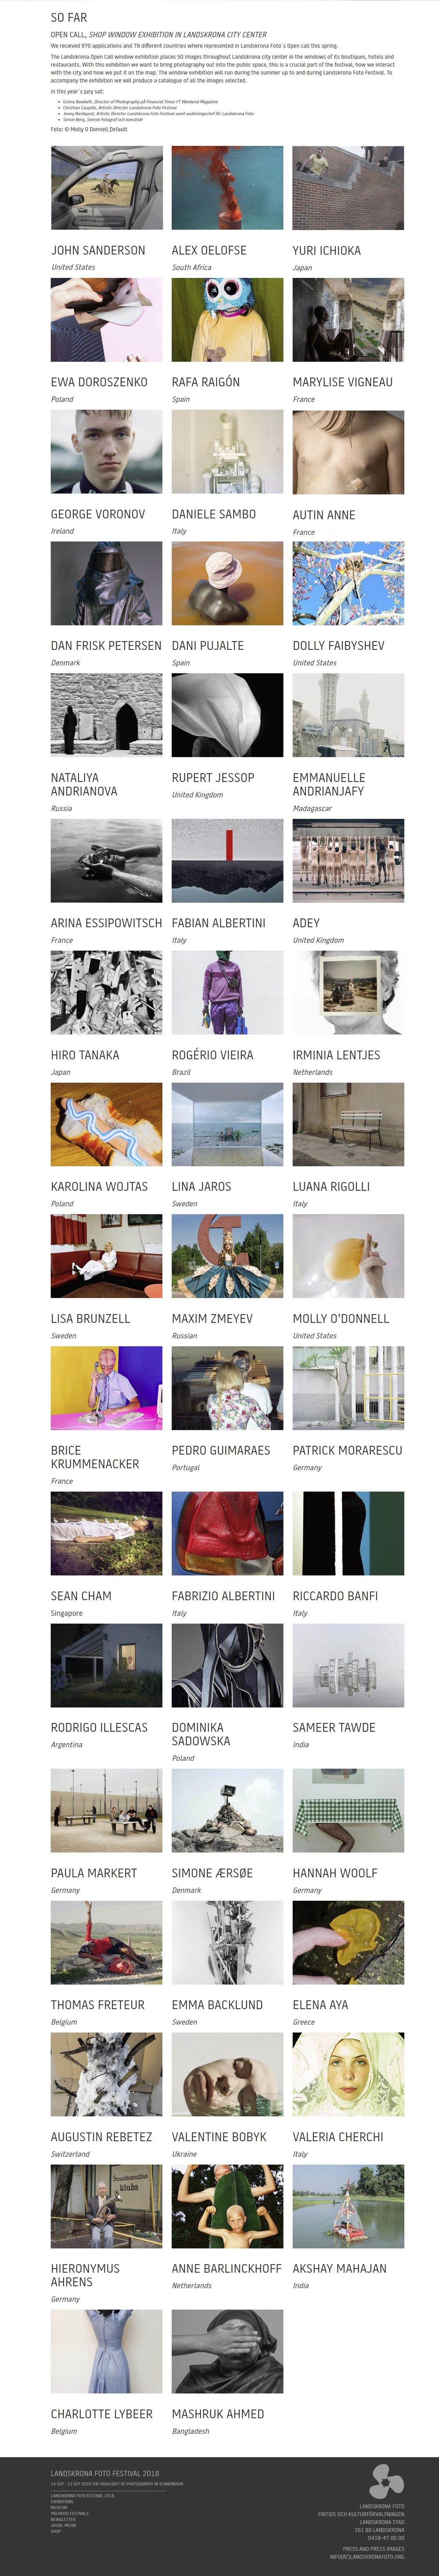 06-07-2018_Landskrona Festival Exhibitor_Landskrona Foto Festival, Landskrona, Sweden.jpg